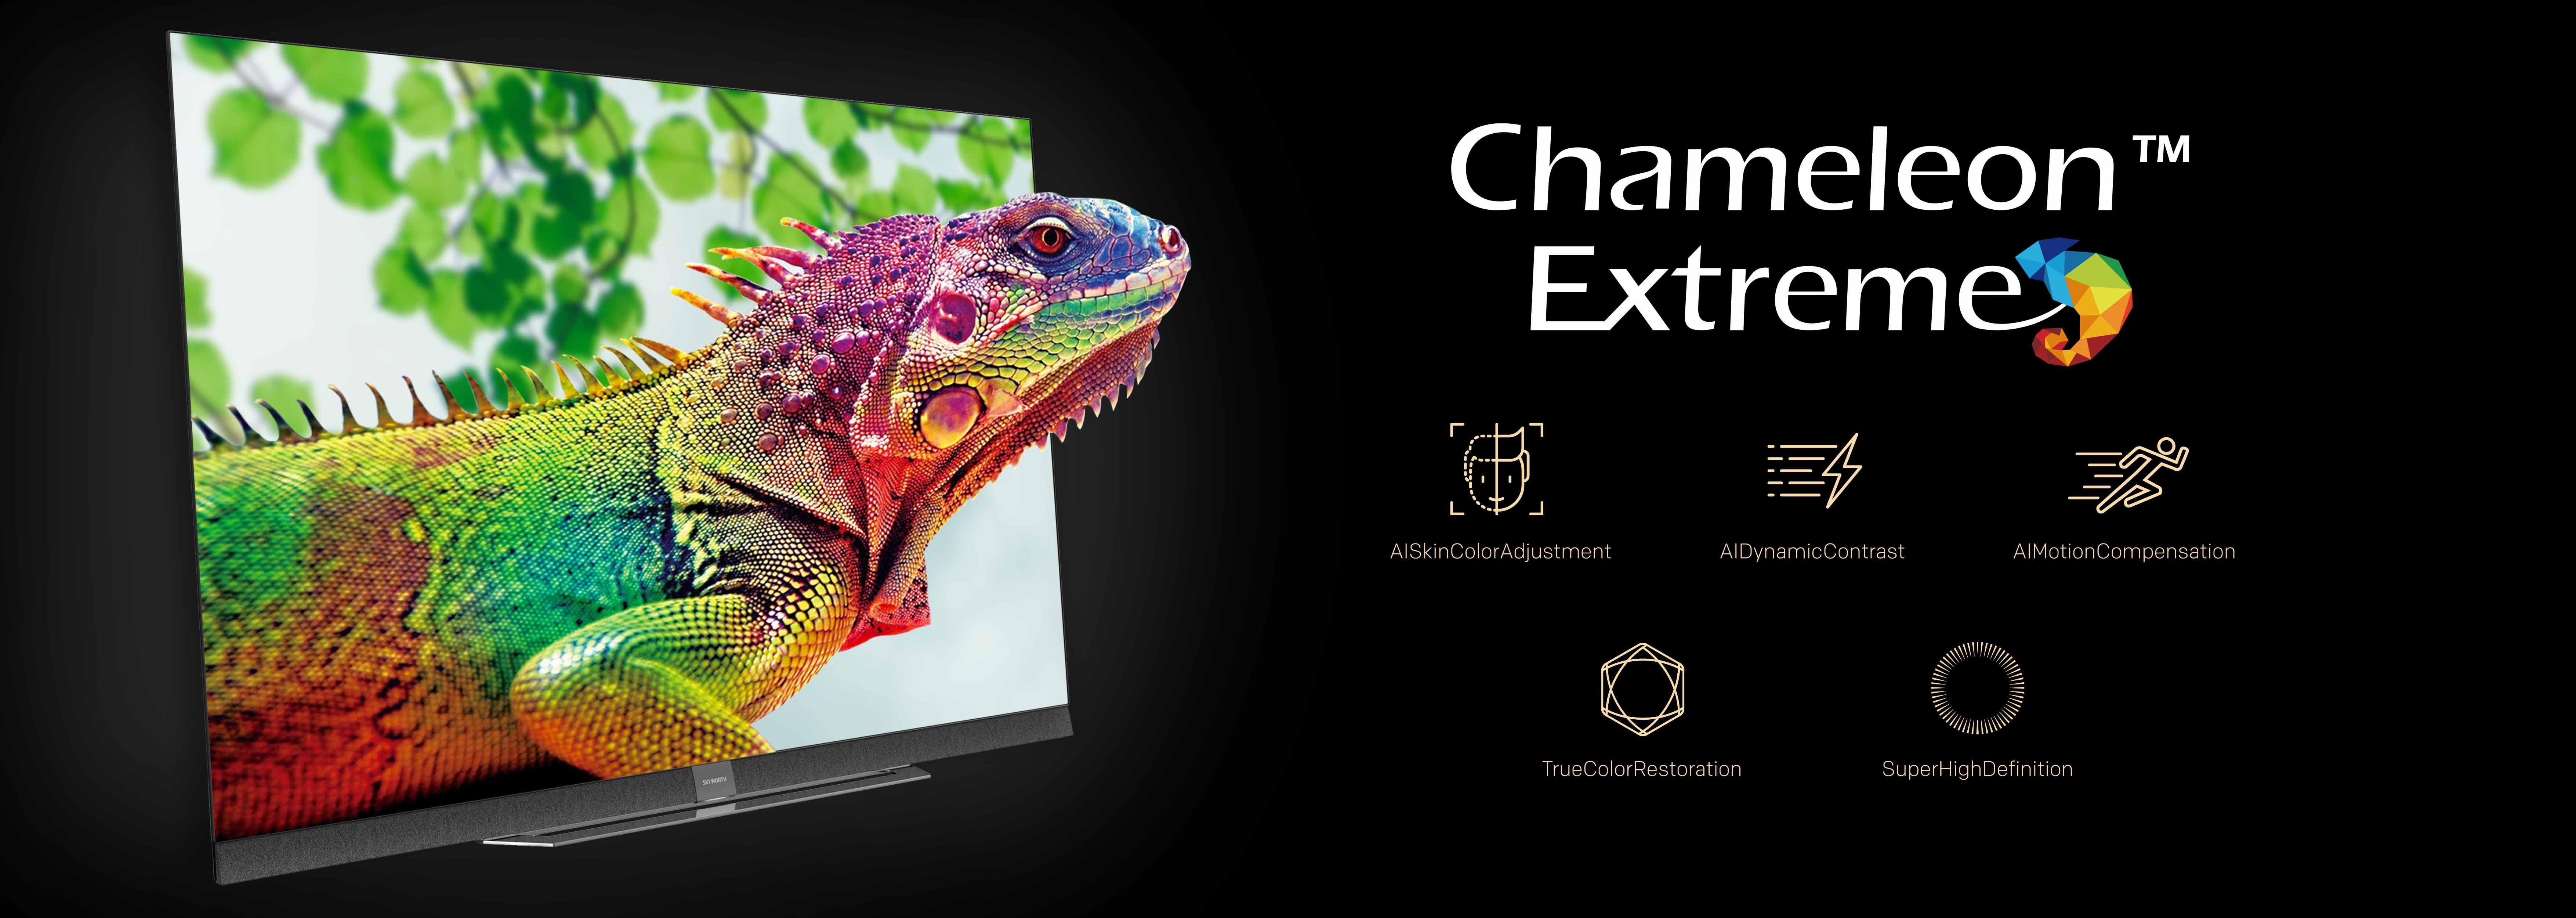 Chameleon-Extreme